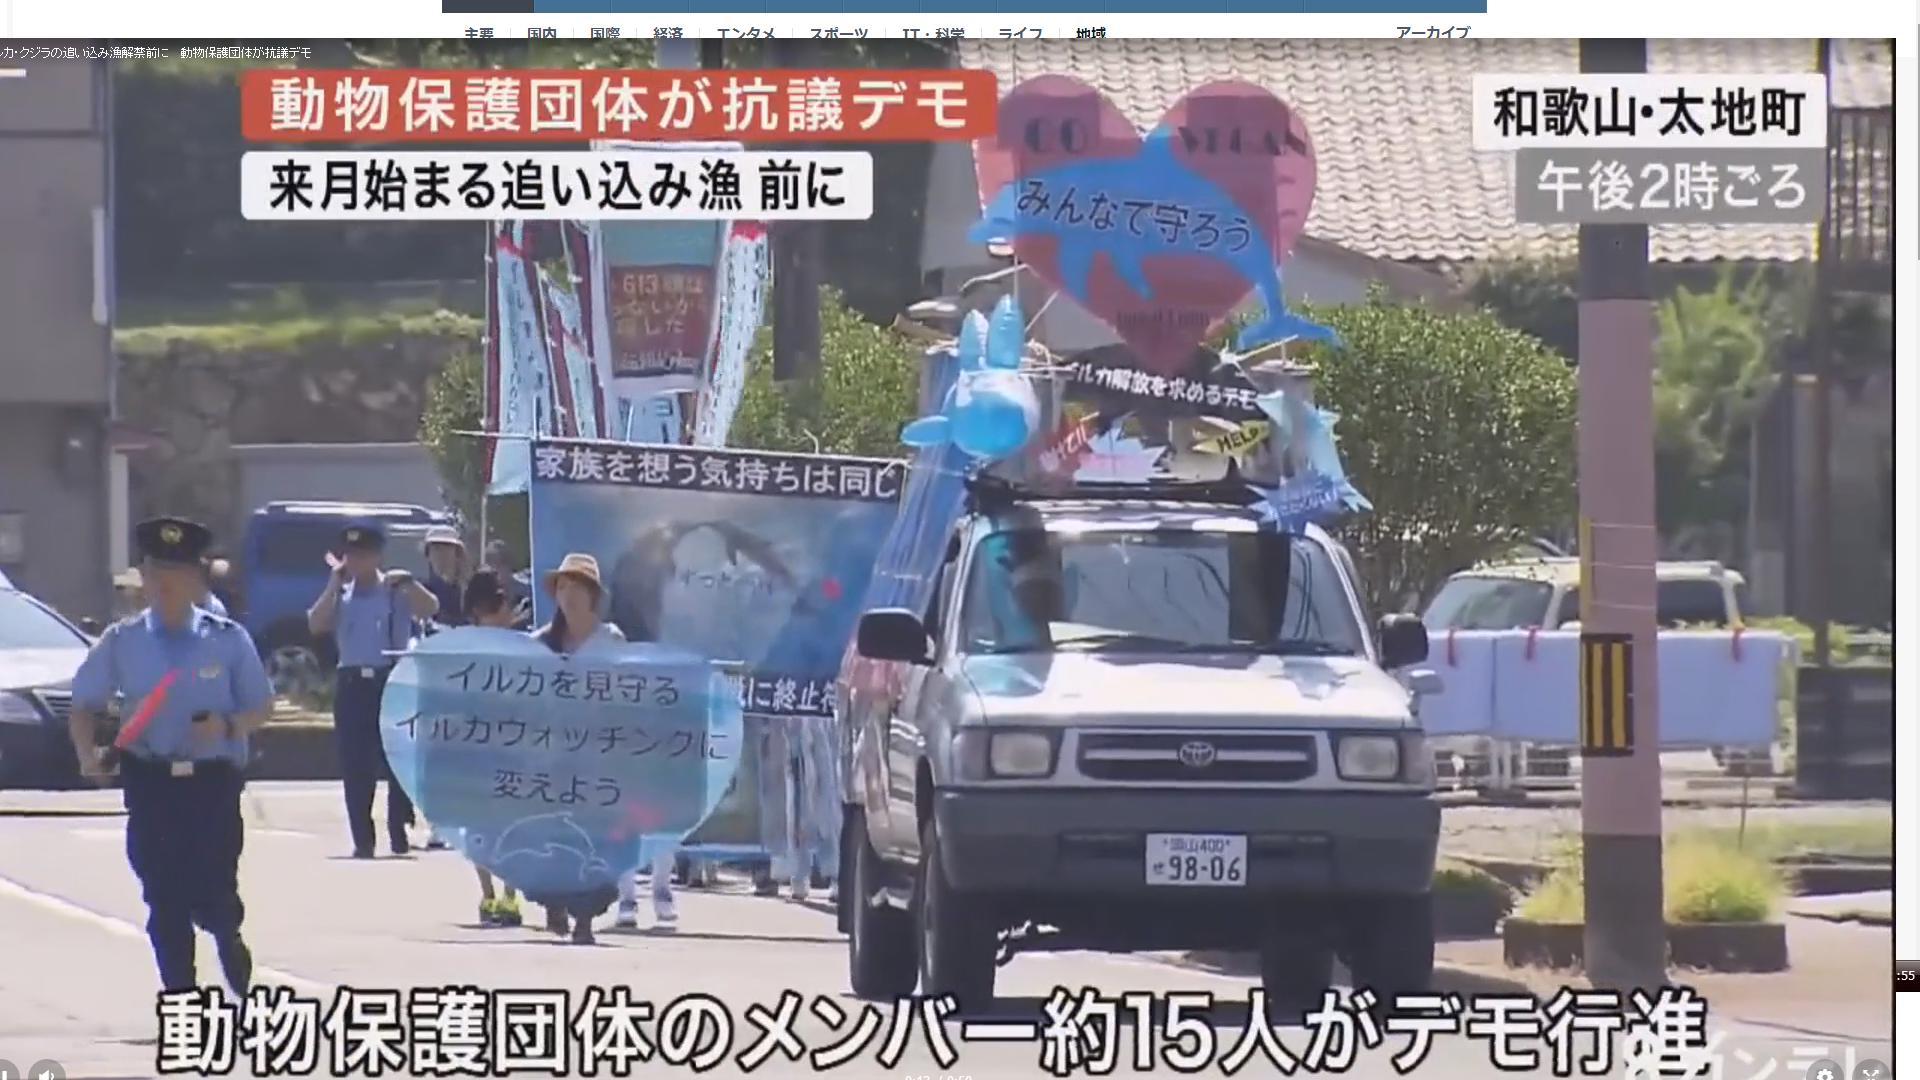 taijidemokansaiTV2.jpg